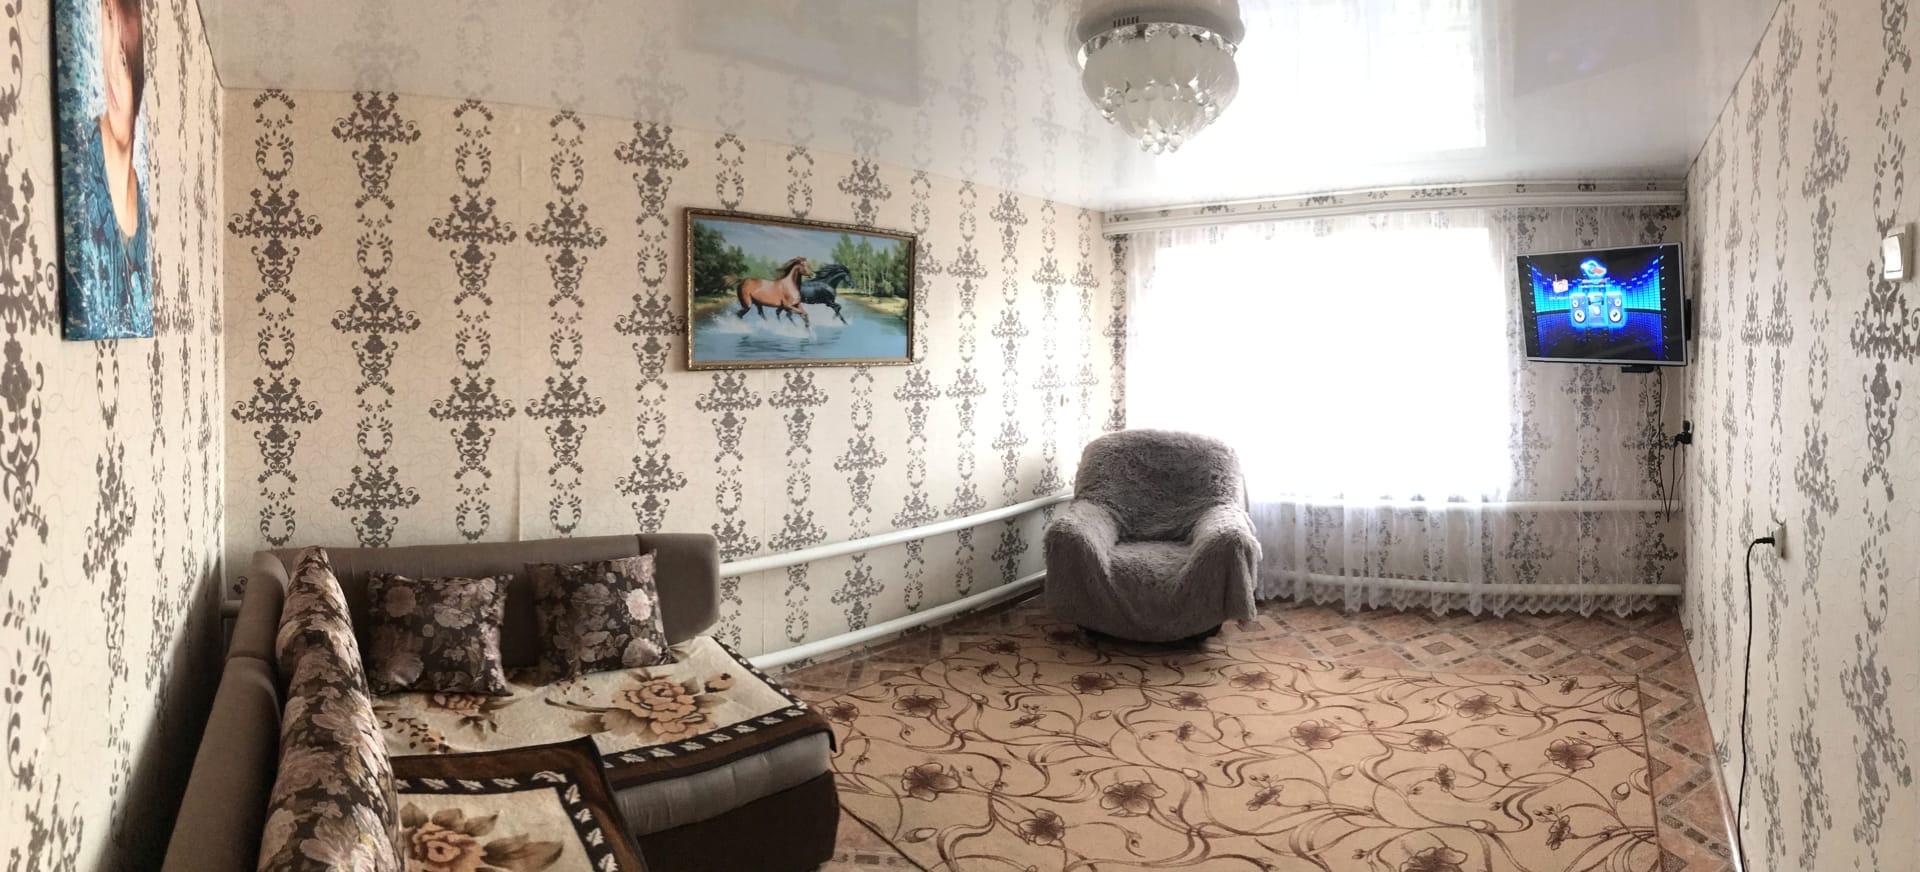 Купить 3-х комнату квартиру 20 км от г. | Объявления Орска и Новотроицка №4015